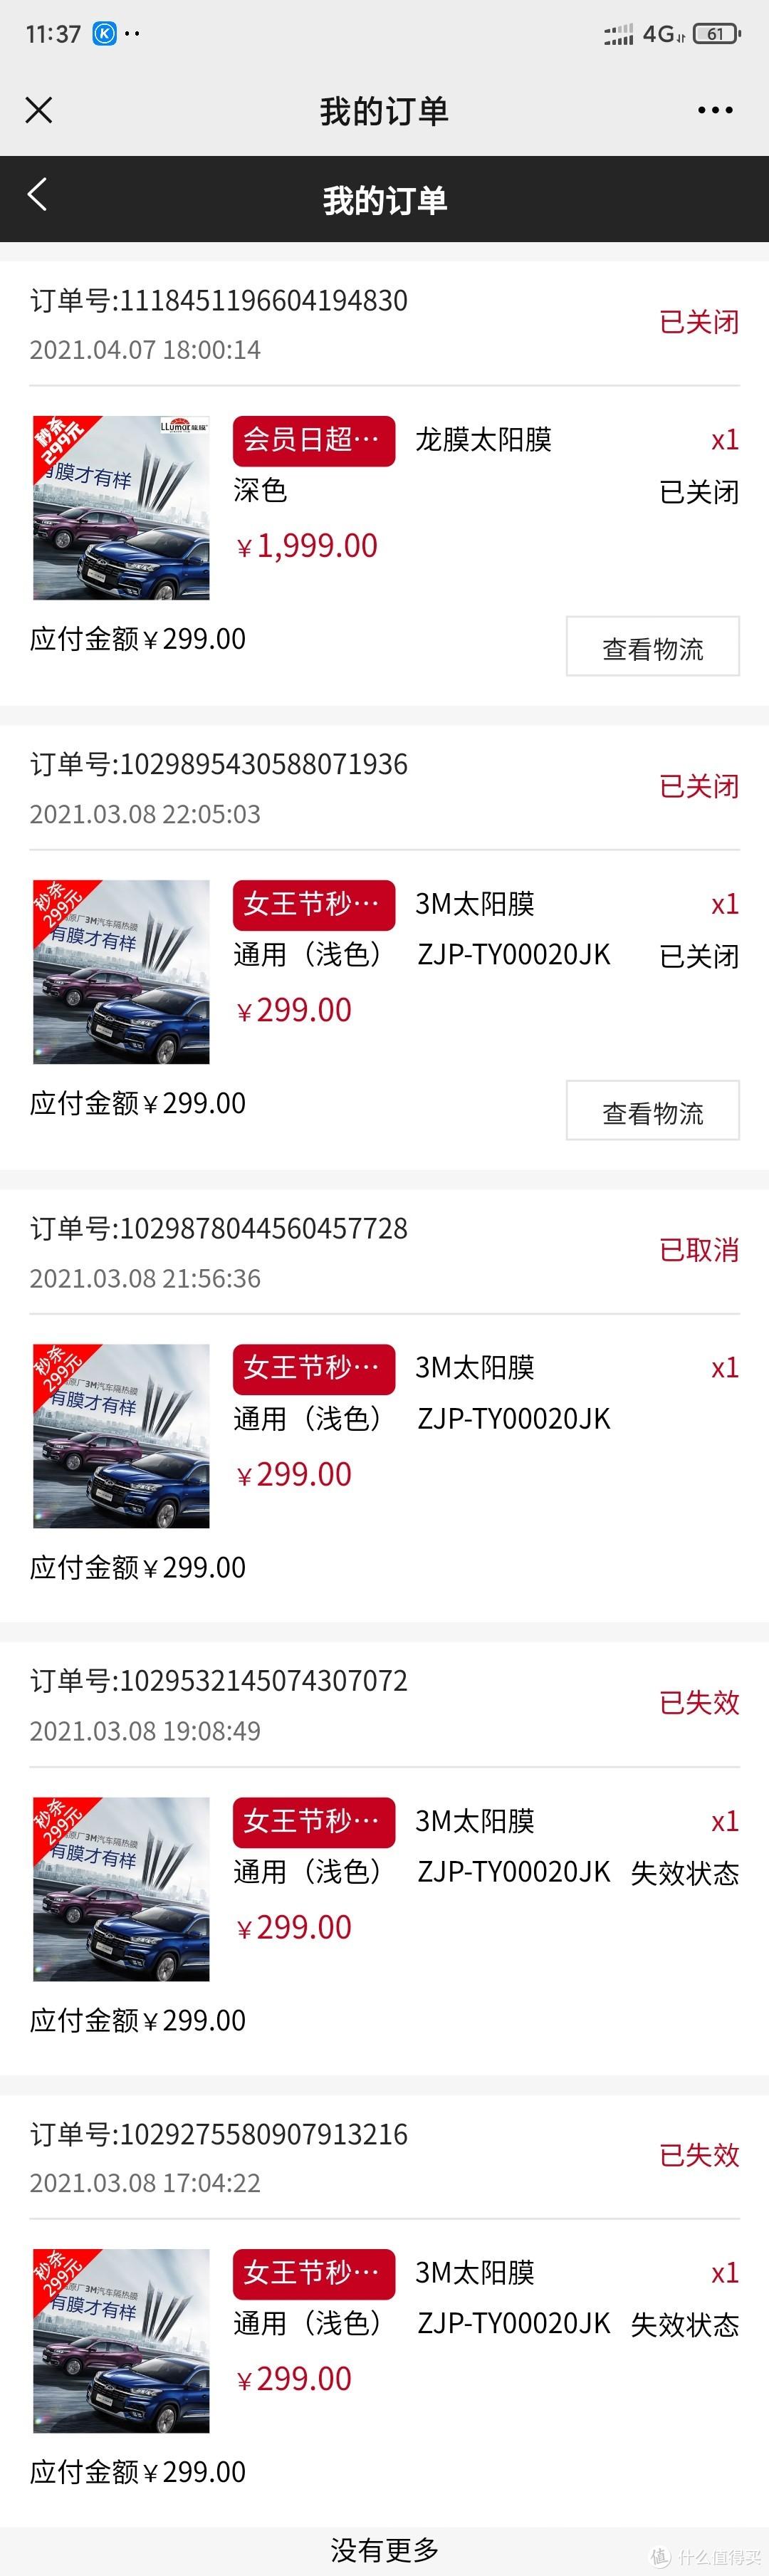 在犹豫中,买买买。相信有些买了的朋友都是买了3M又买龙膜。